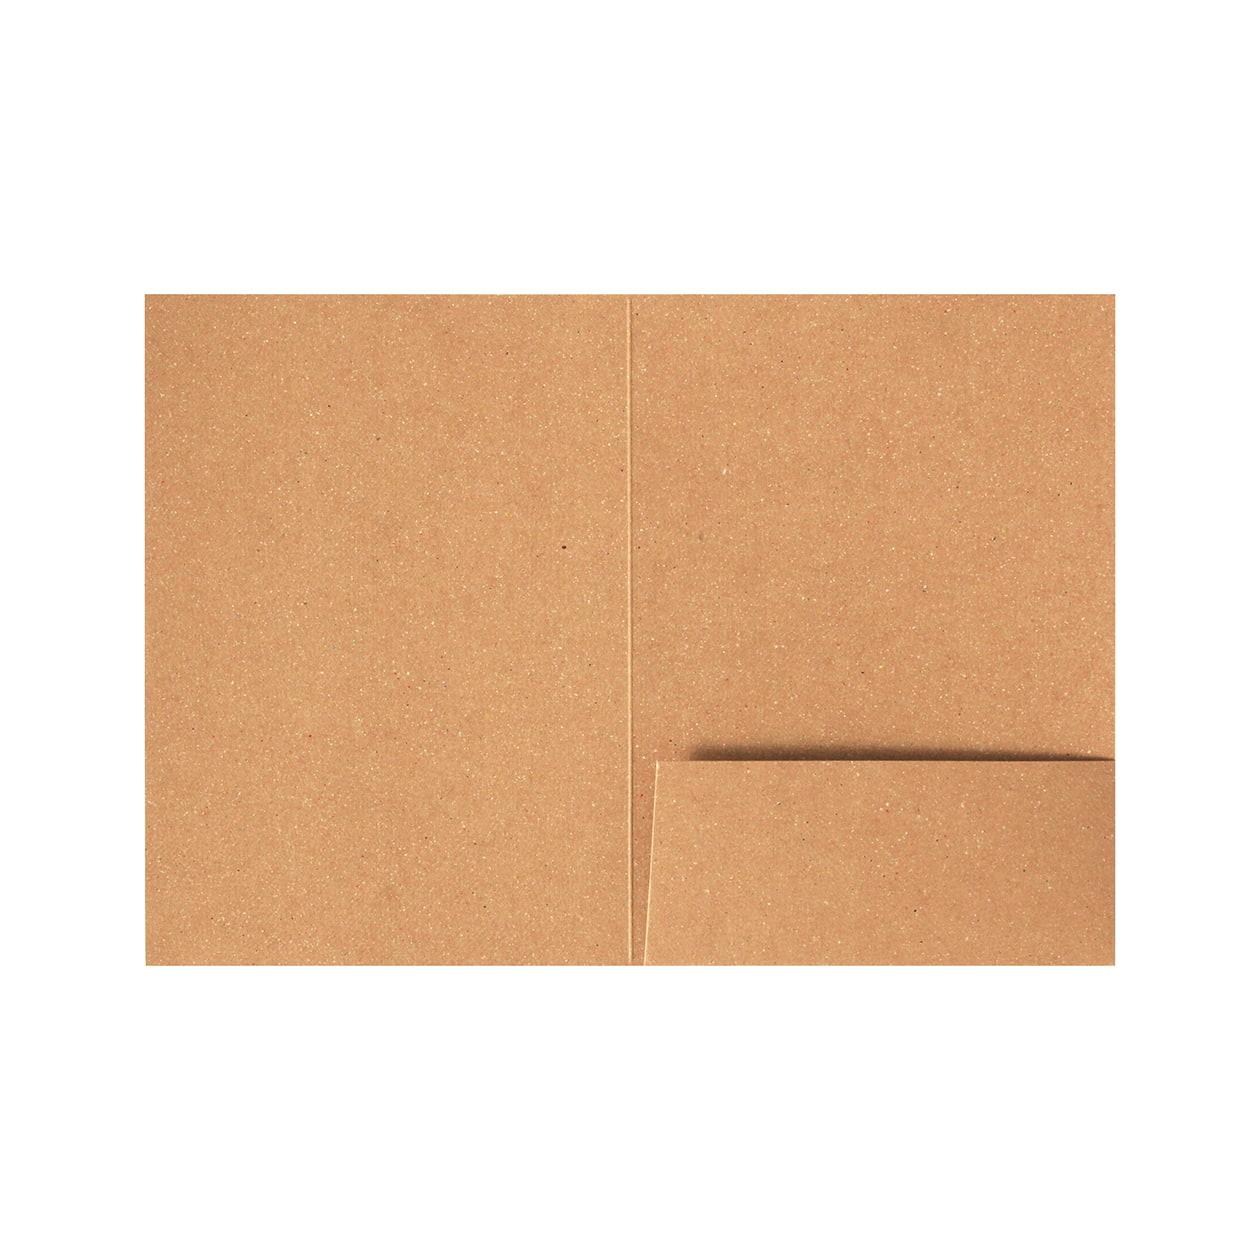 A6フォルダー 1ポケット ボード紙ブラウン 270g